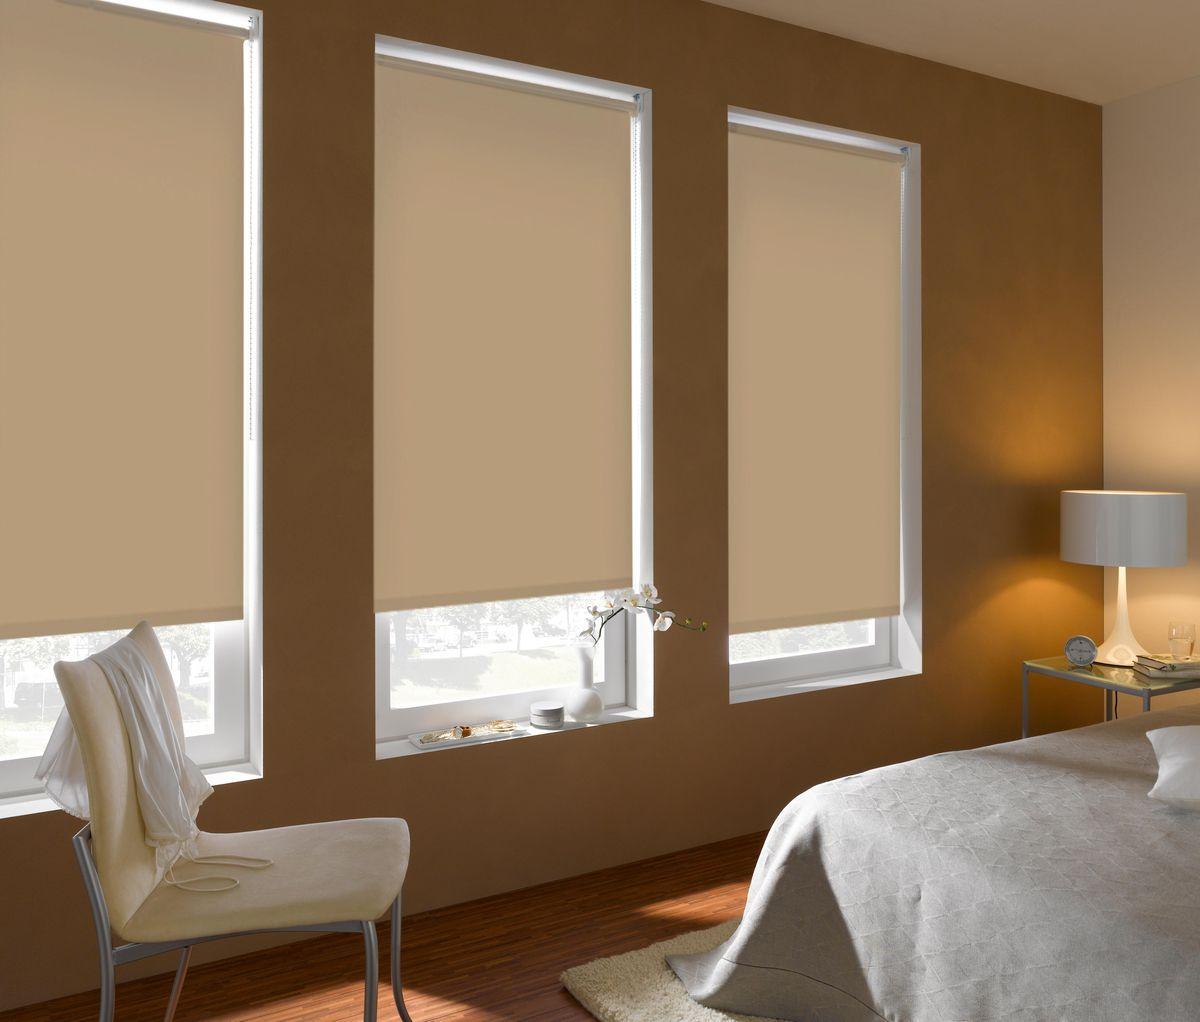 Штора рулонная Эскар Blackout, светонепроницаемая, цвет: бежевый, ширина 120 см, высота 170 см84009120170Рулонными шторами можно оформлять окна как самостоятельно, так и использовать в комбинации с портьерами. Это поможет предотвратить выгорание дорогой ткани на солнце и соединит функционал рулонных с красотой навесных.Преимущества применения рулонных штор для пластиковых окон:- имеют прекрасный внешний вид: многообразие и фактурность материала изделия отлично смотрятся в любом интерьере; - многофункциональны: есть возможность подобрать шторы способные эффективно защитить комнату от солнца, при этом она не будет слишком темной.- Есть возможность осуществить быстрый монтаж.ВНИМАНИЕ! Размеры ширины изделия указаны по ширине ткани!Во время эксплуатации не рекомендуется полностью разматывать рулон, чтобы не оторвать ткань от намоточного вала.В случае загрязнения поверхности ткани, чистку шторы проводят одним из способов, в зависимости от типа загрязнения: легкое поверхностное загрязнение можно удалить при помощи канцелярского ластика; чистка от пыли производится сухим методом при помощи пылесоса с мягкой щеткой-насадкой; для удаления пятна используйте мягкую губку с пенообразующим неагрессивным моющим средством или пятновыводитель на натуральной основе (нельзя применять растворители).